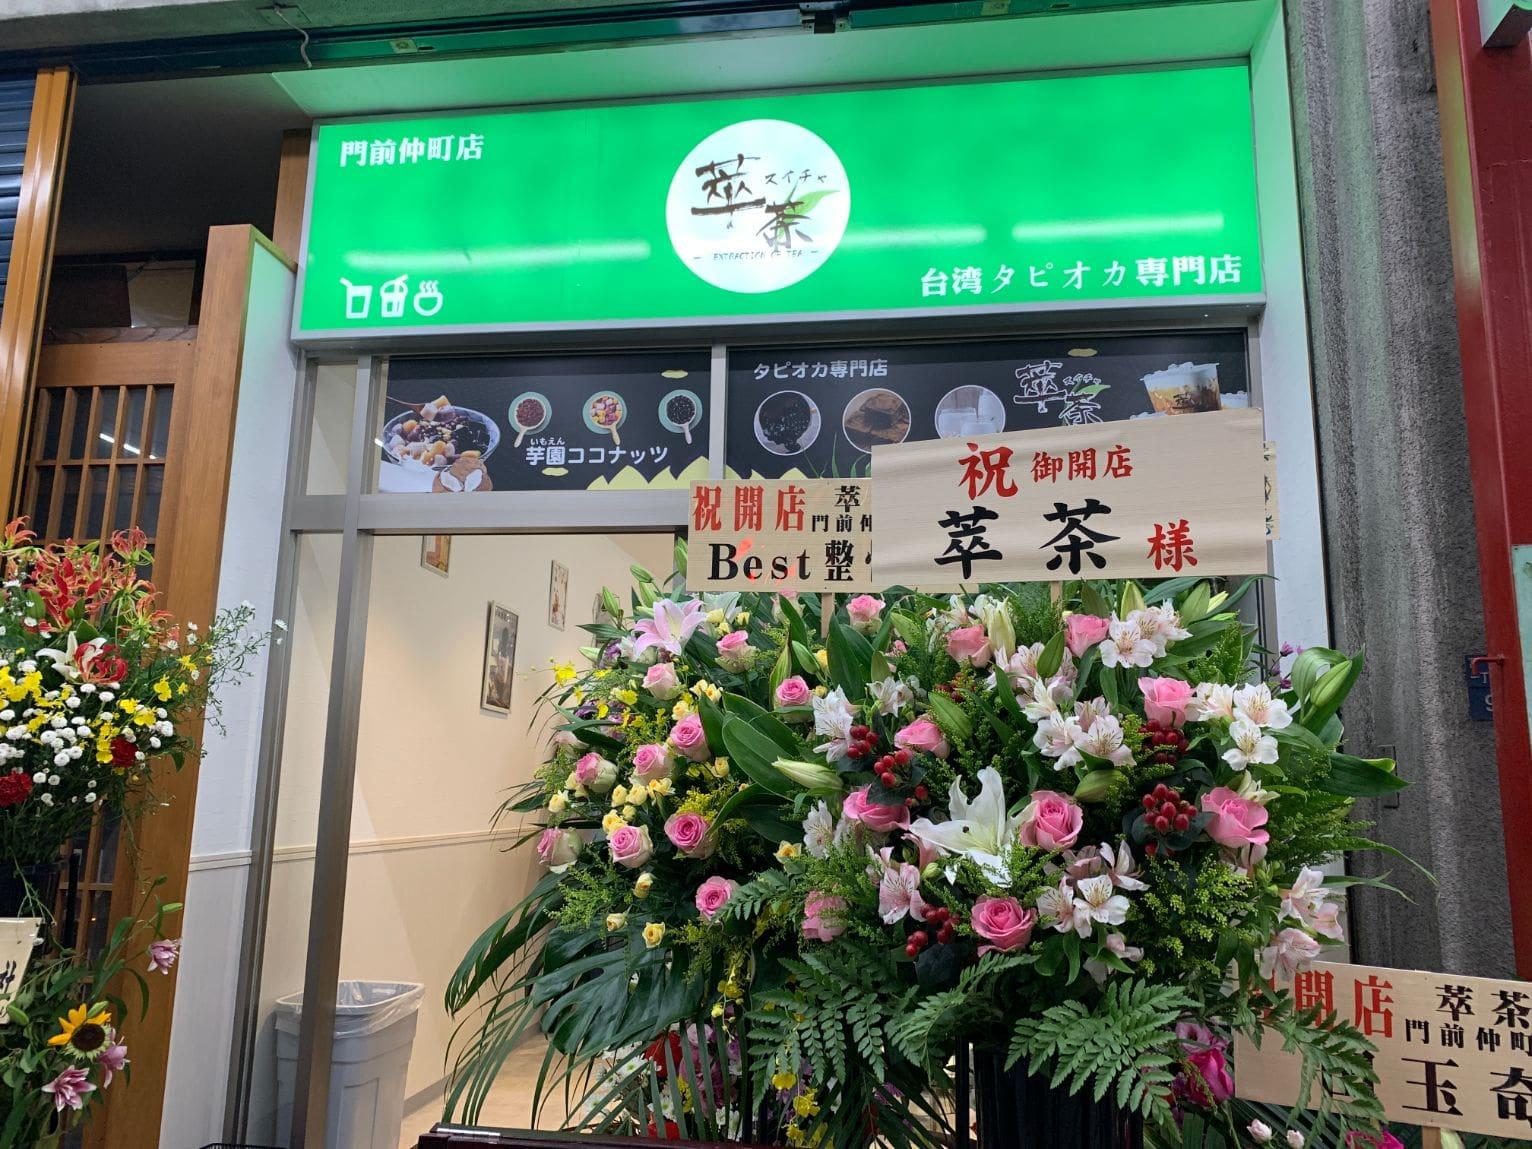 萃茶 スイチャ 門前仲町店